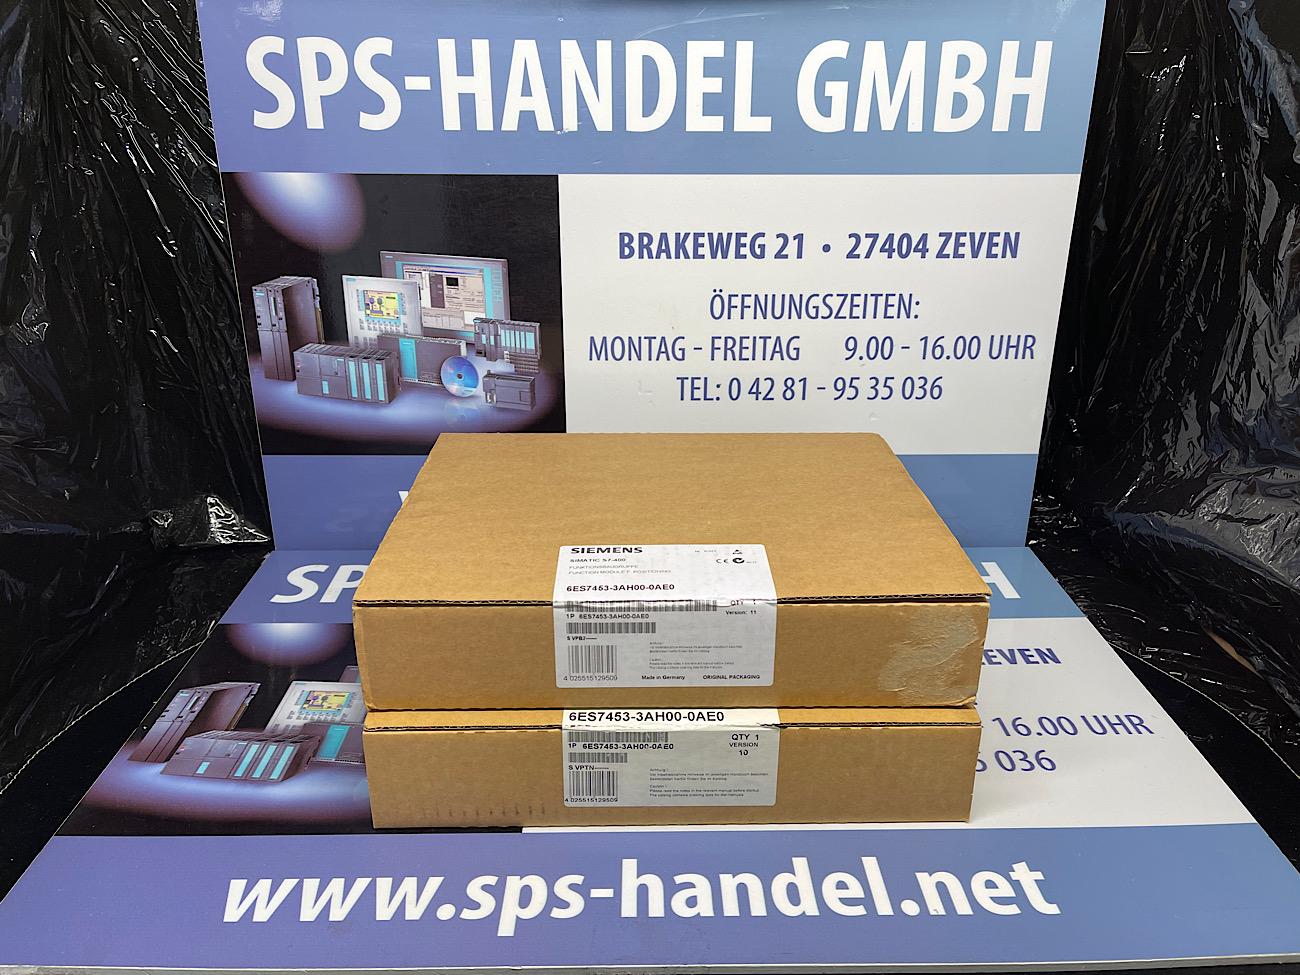 6ES7453-3AH00-0AE0 | FM453 | NEU Siegel 30%